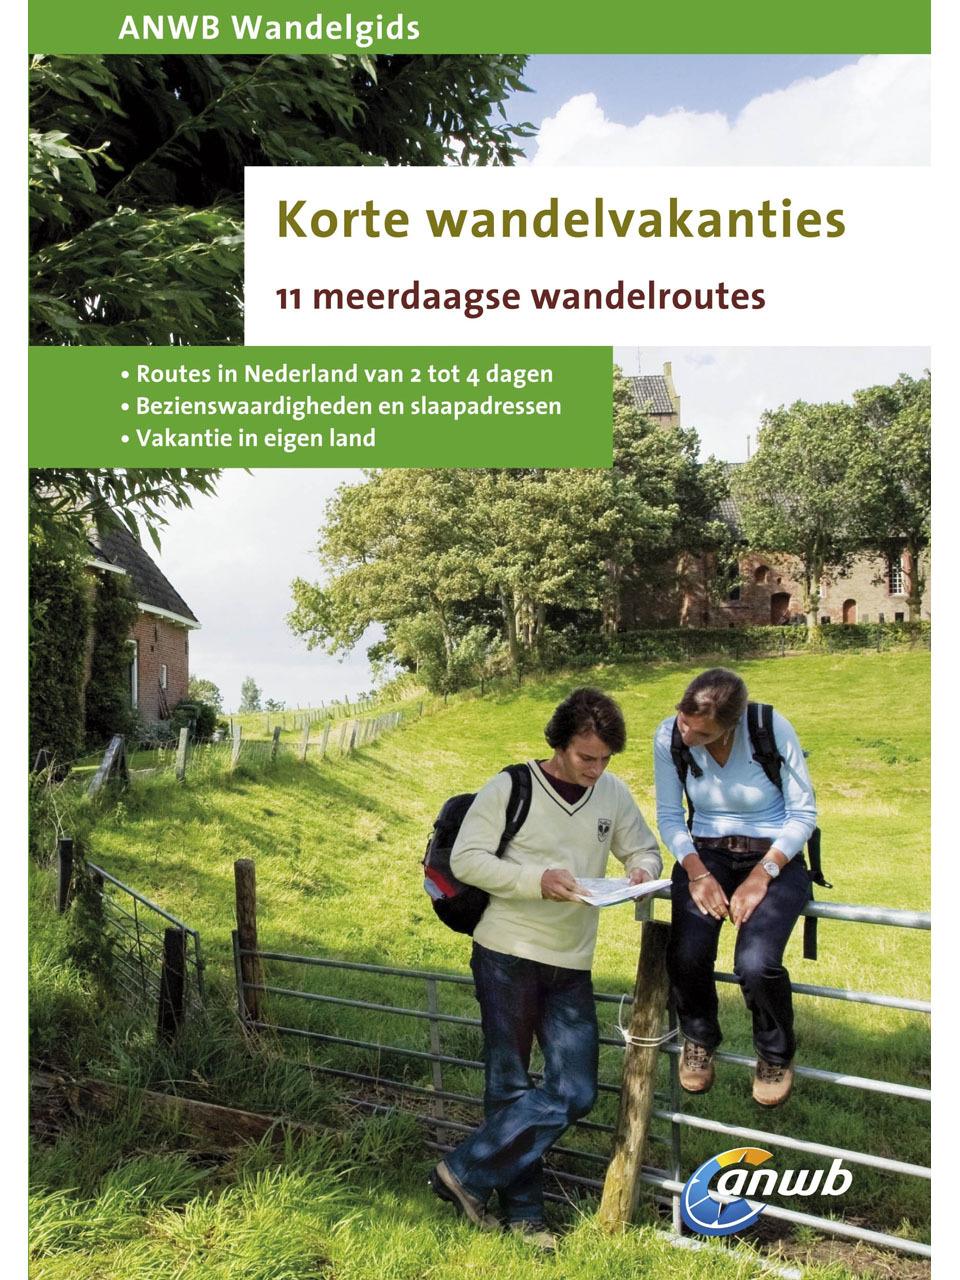 Wandelgids Korte wandelvakanties in Nederland - 11 meerdaagse wandelroutes   ANWB